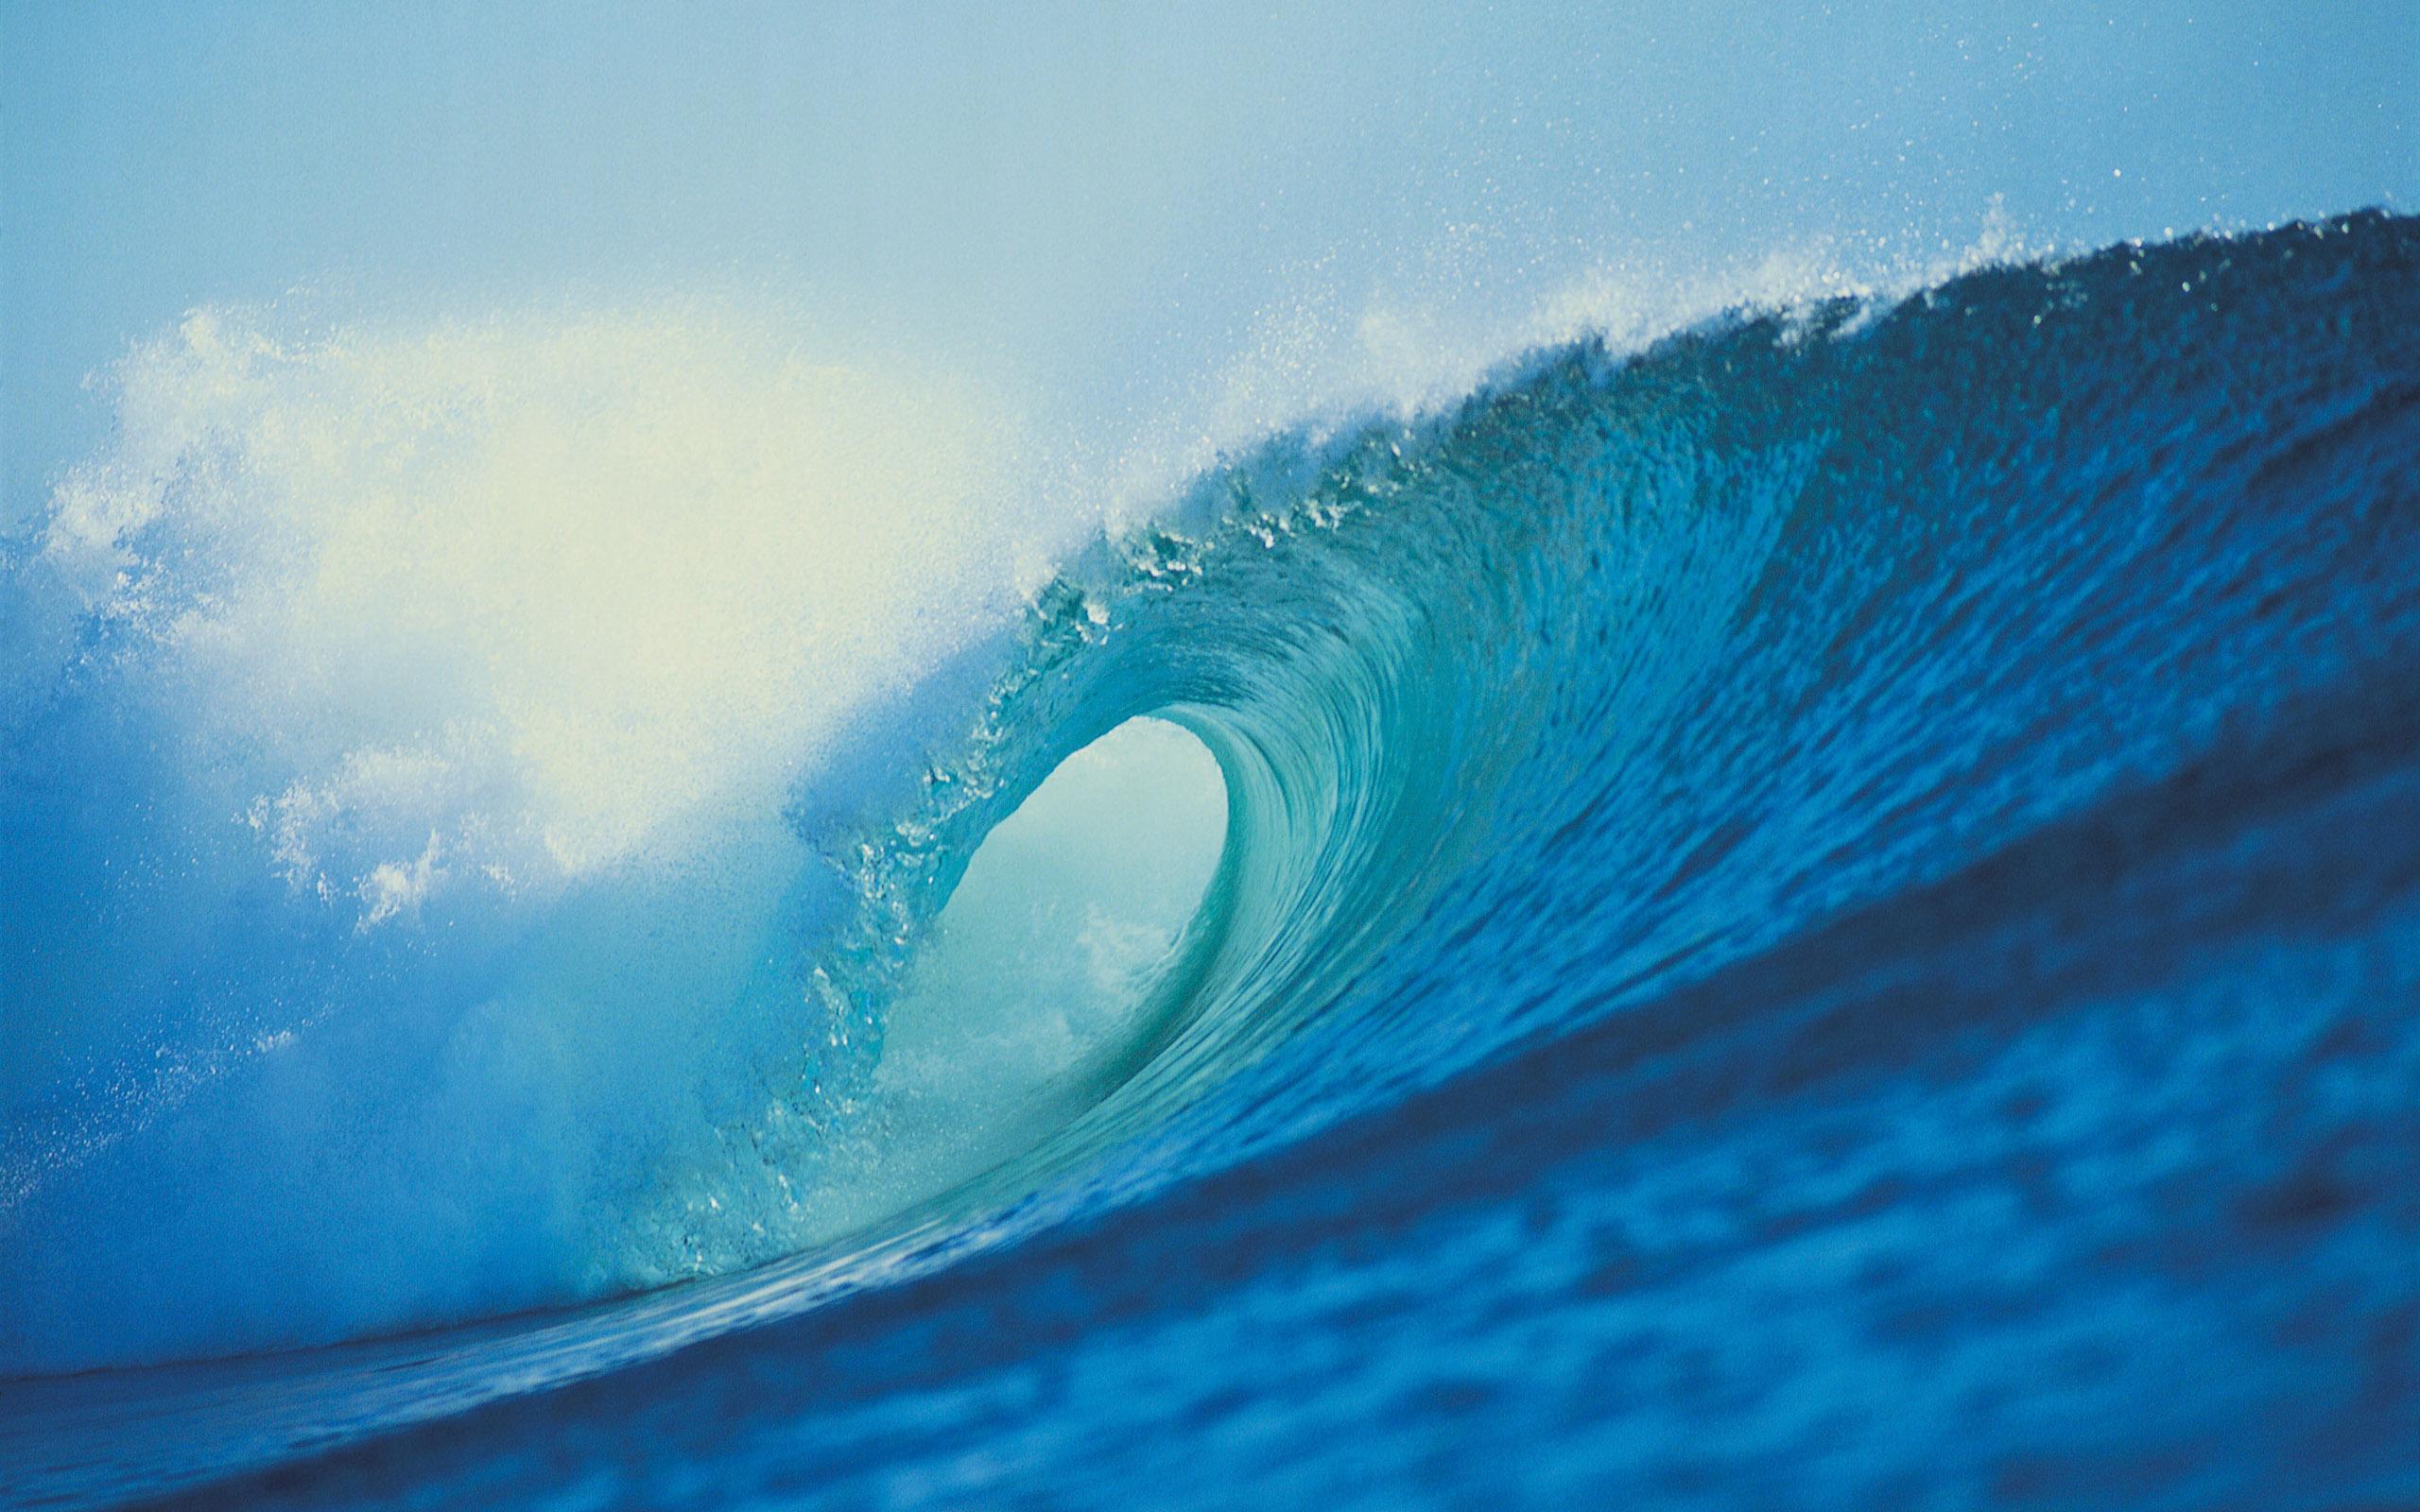 Волна без смс